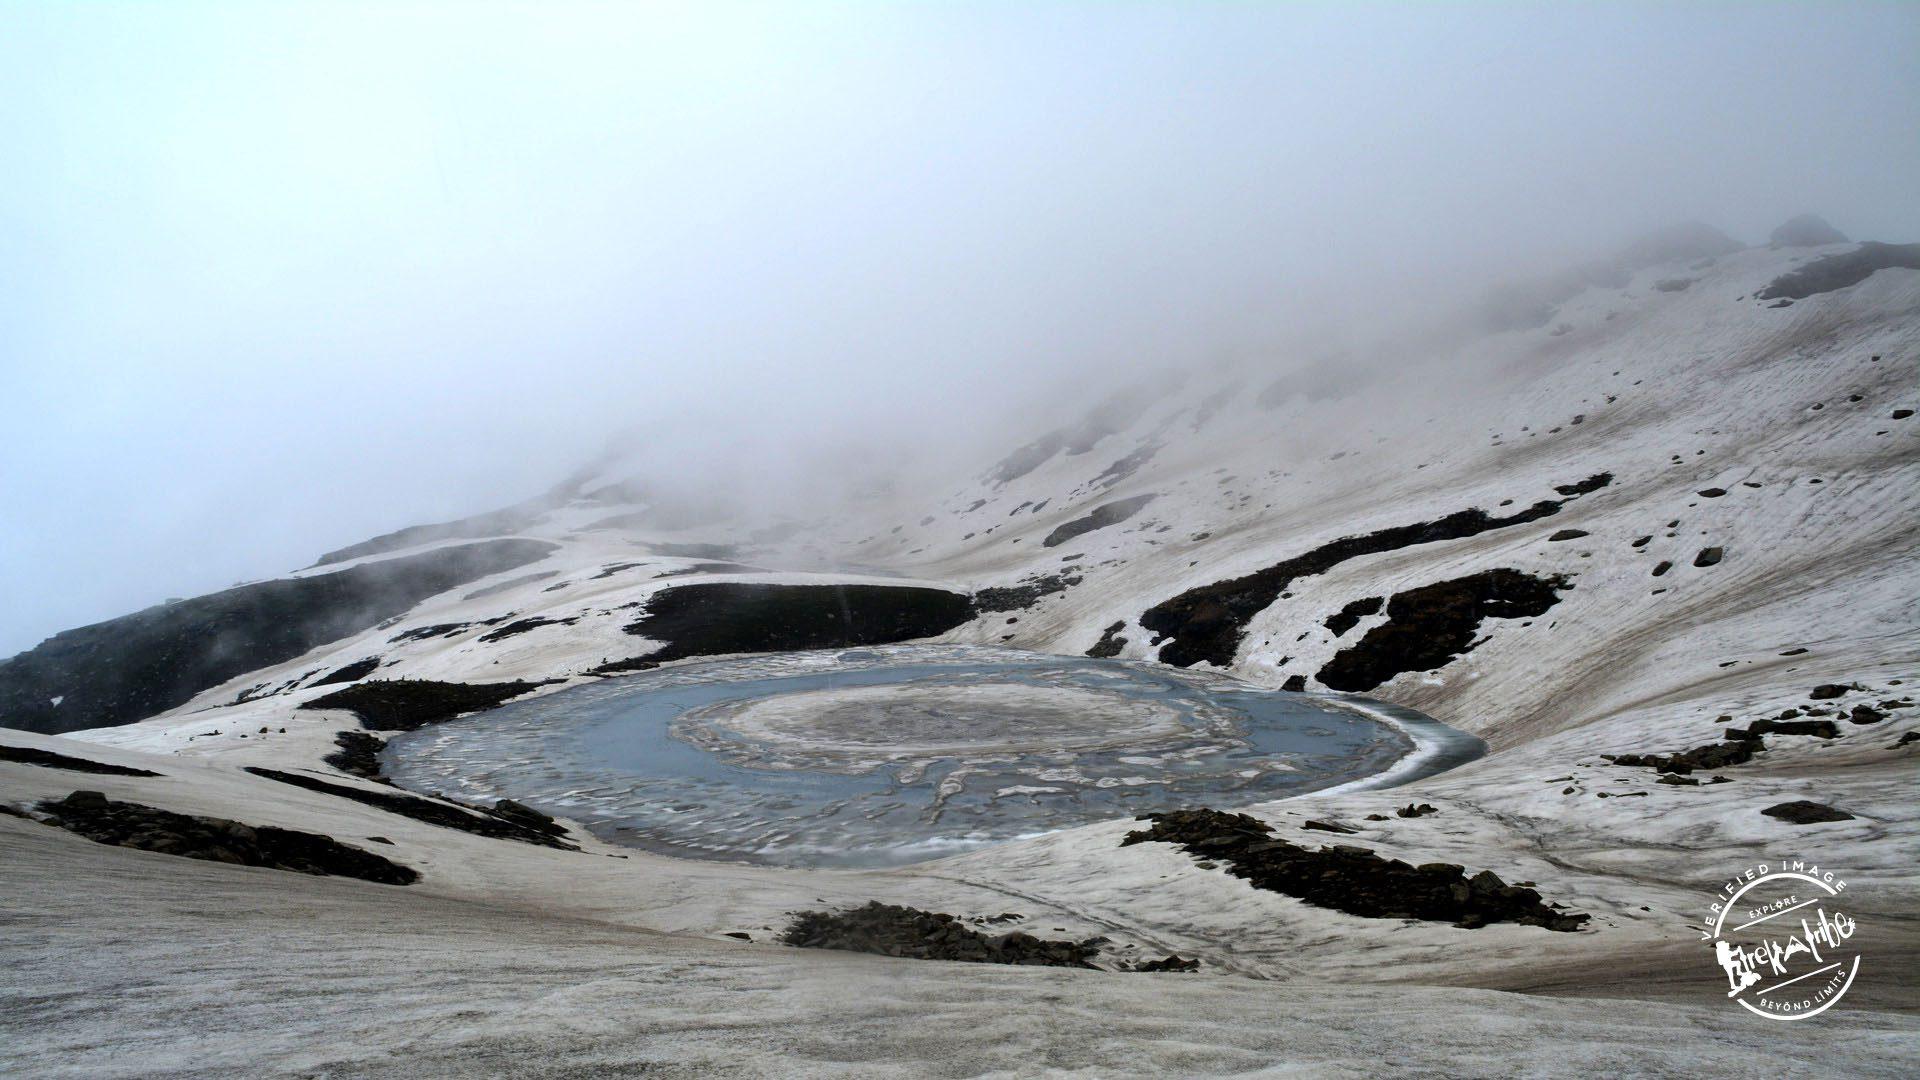 Bhrigu Lake 10 - Bhrigu Lake